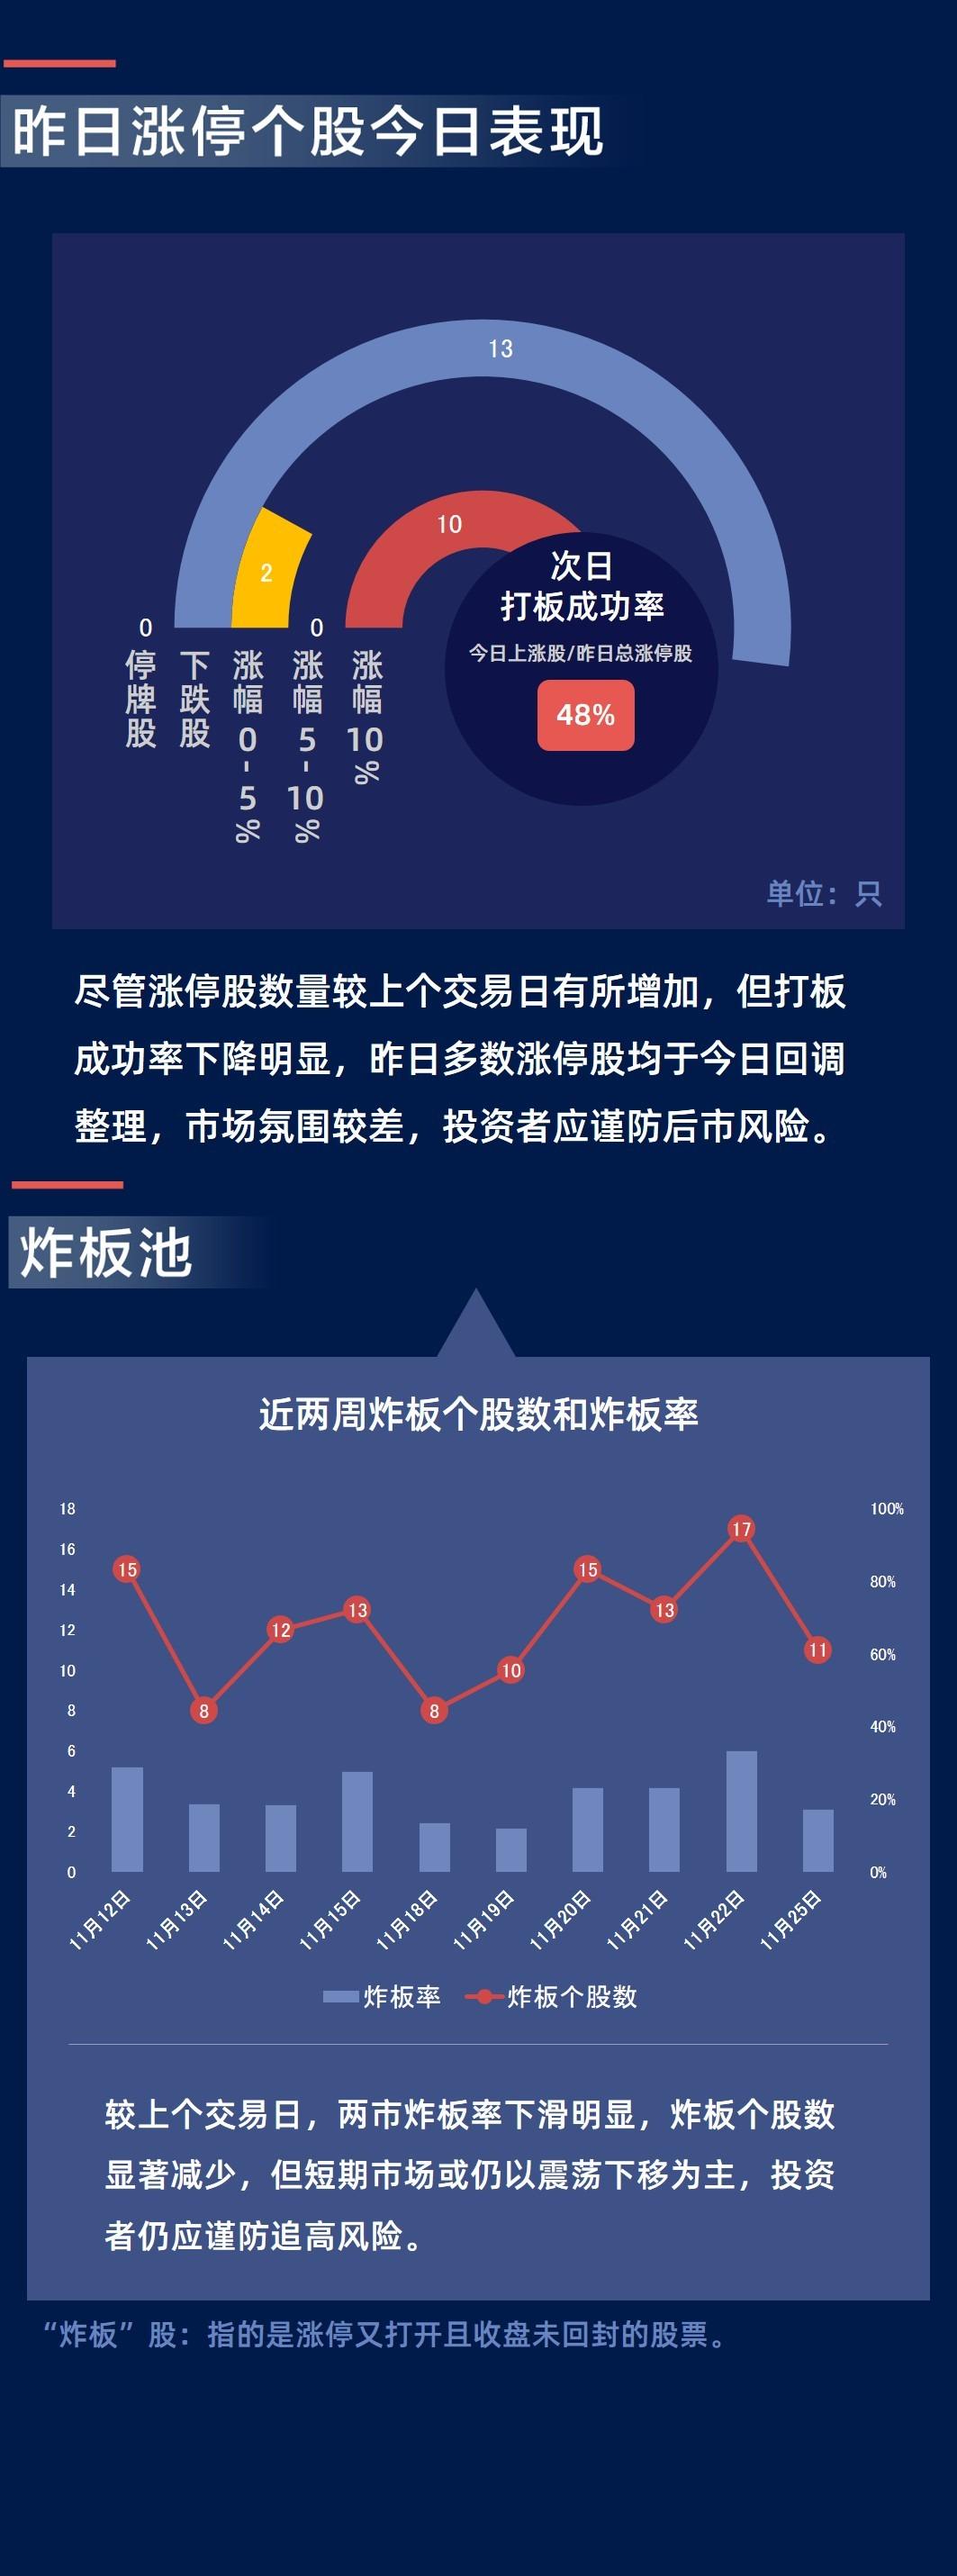 """「万博棋牌输了5万」""""法学教育评价体系与机制建设座谈会(上海专场)""""在上海举行"""